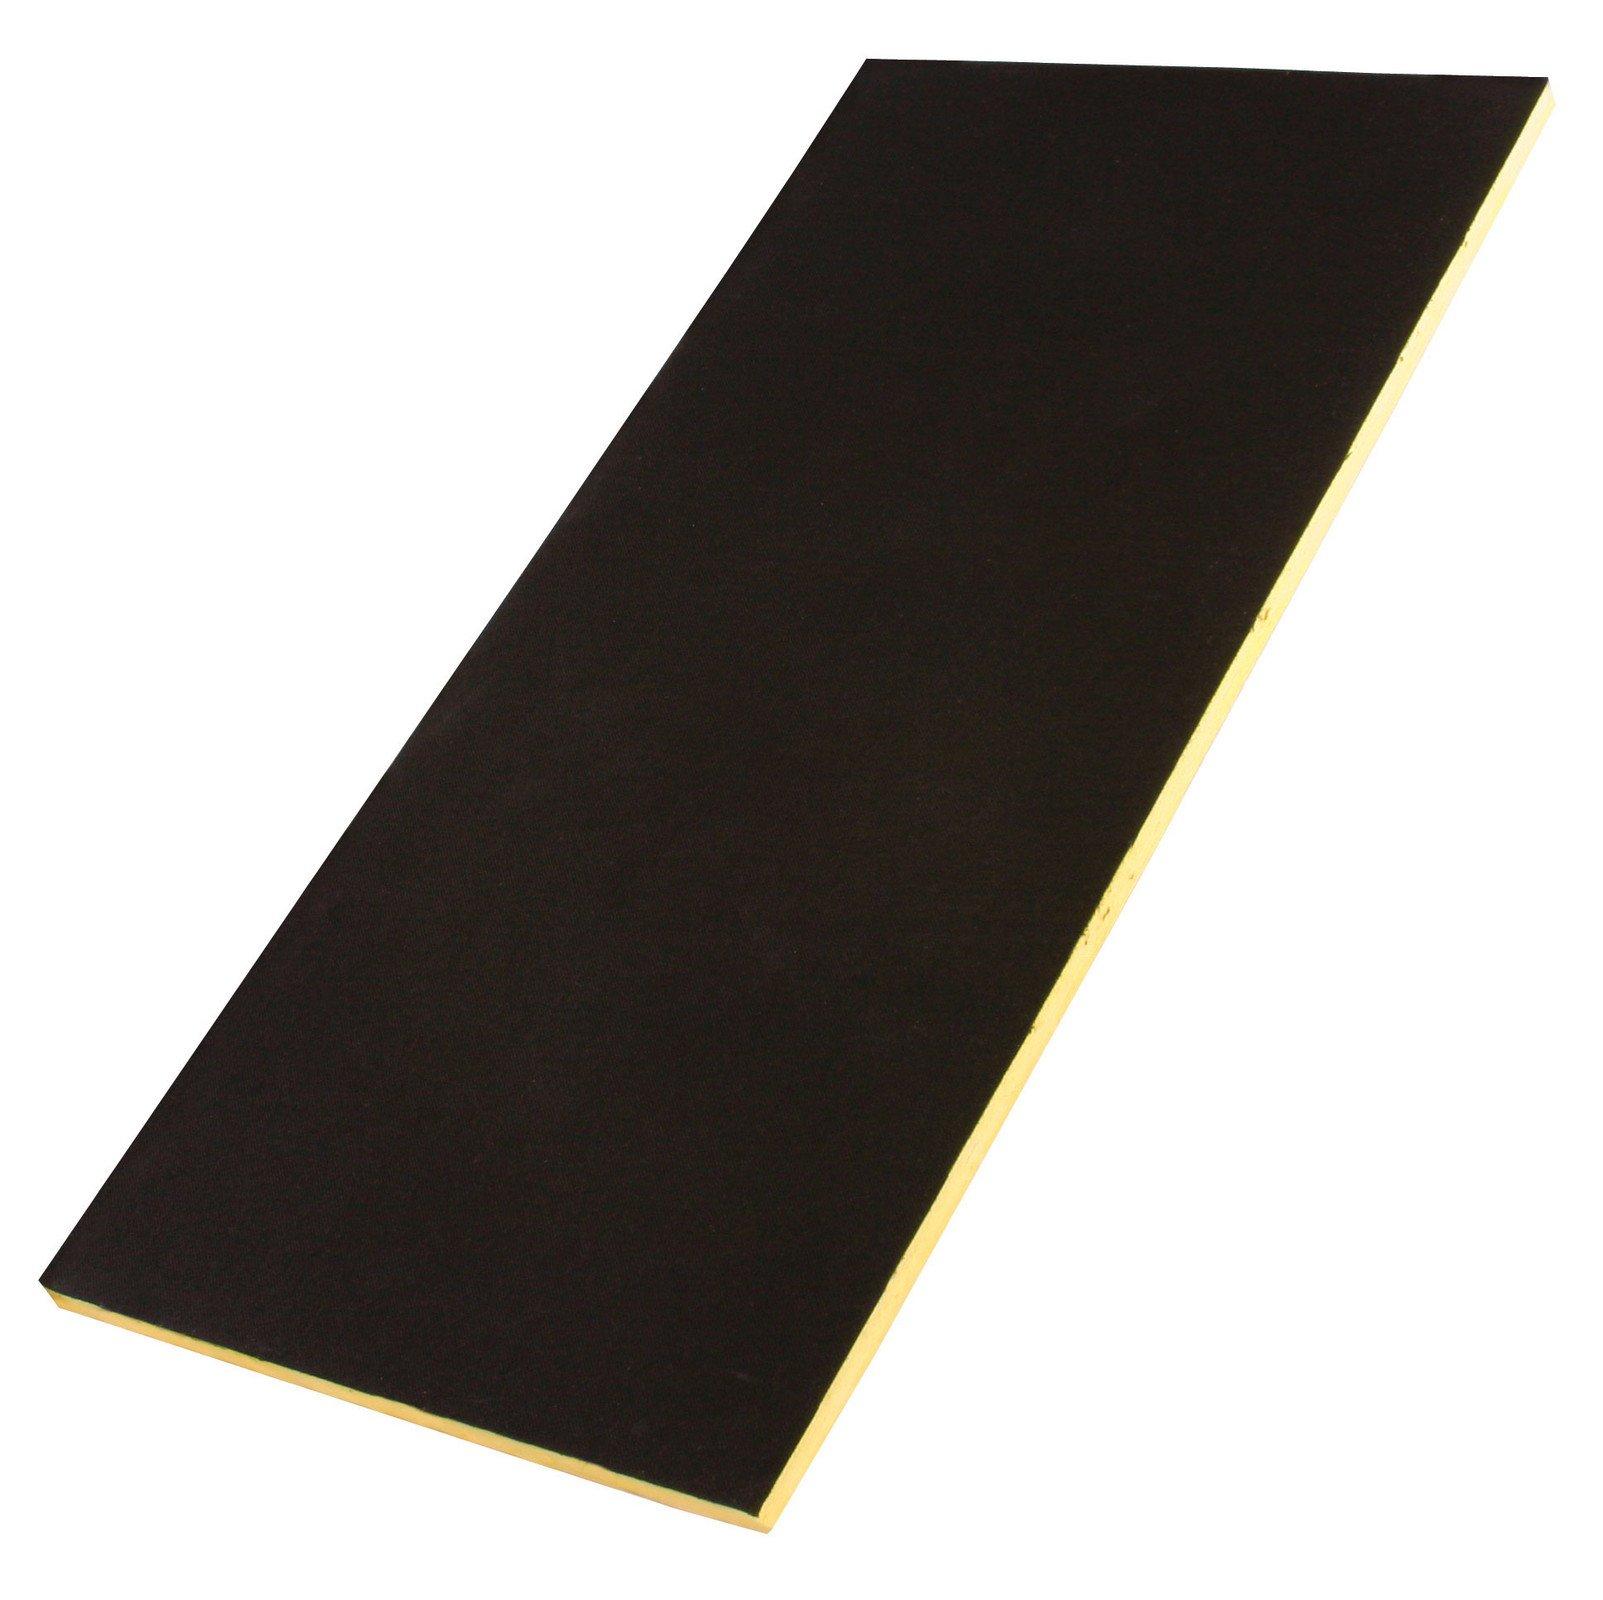 Auralex T Coustic 2x4 Foot Ceiling Tile Black Each Sweetwater